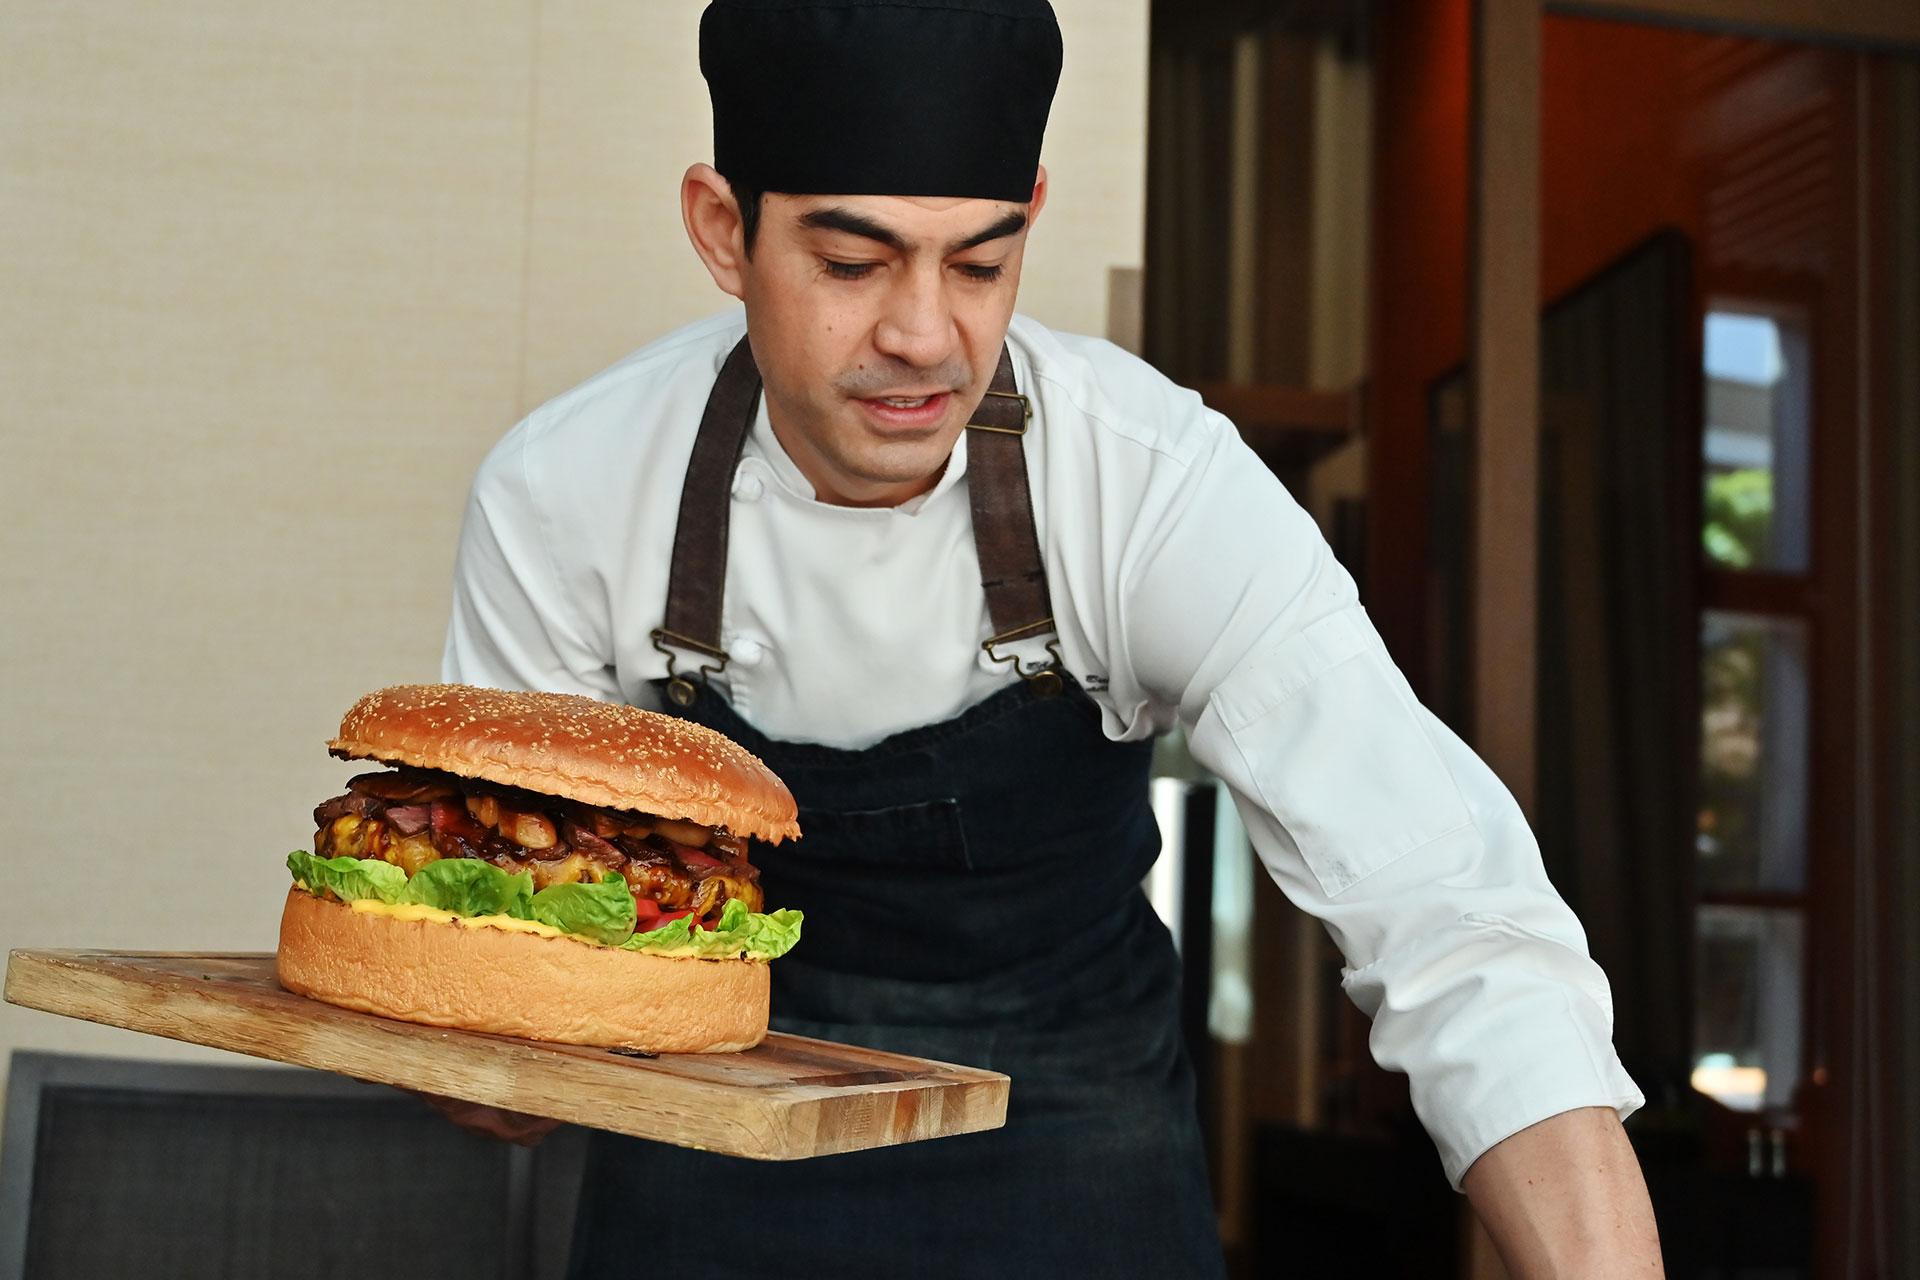 """""""Hacerla al estilo estadounidense usando ingredientes japoneses es como ponerme a mí en un pan. Me pone en contacto con mis raíces"""", explica el chef, de raíces de ambos países"""